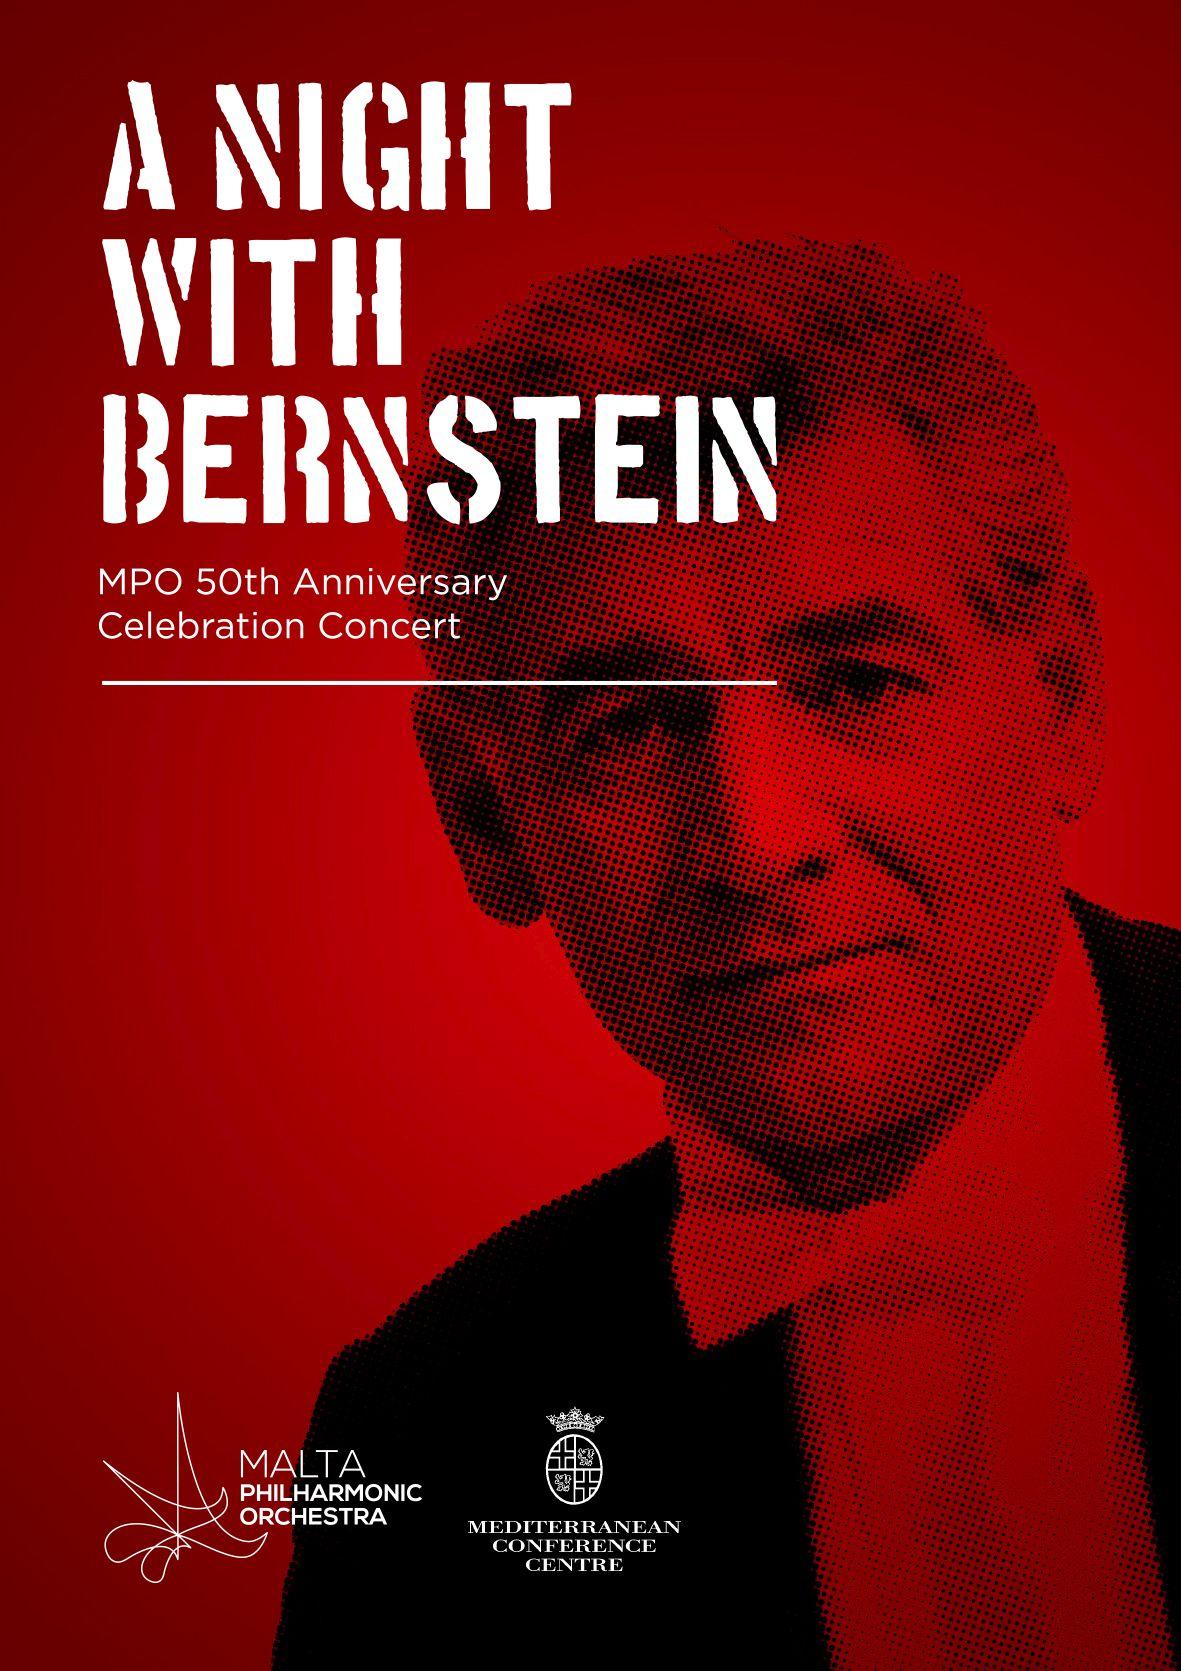 A Night With Bernstein flyer